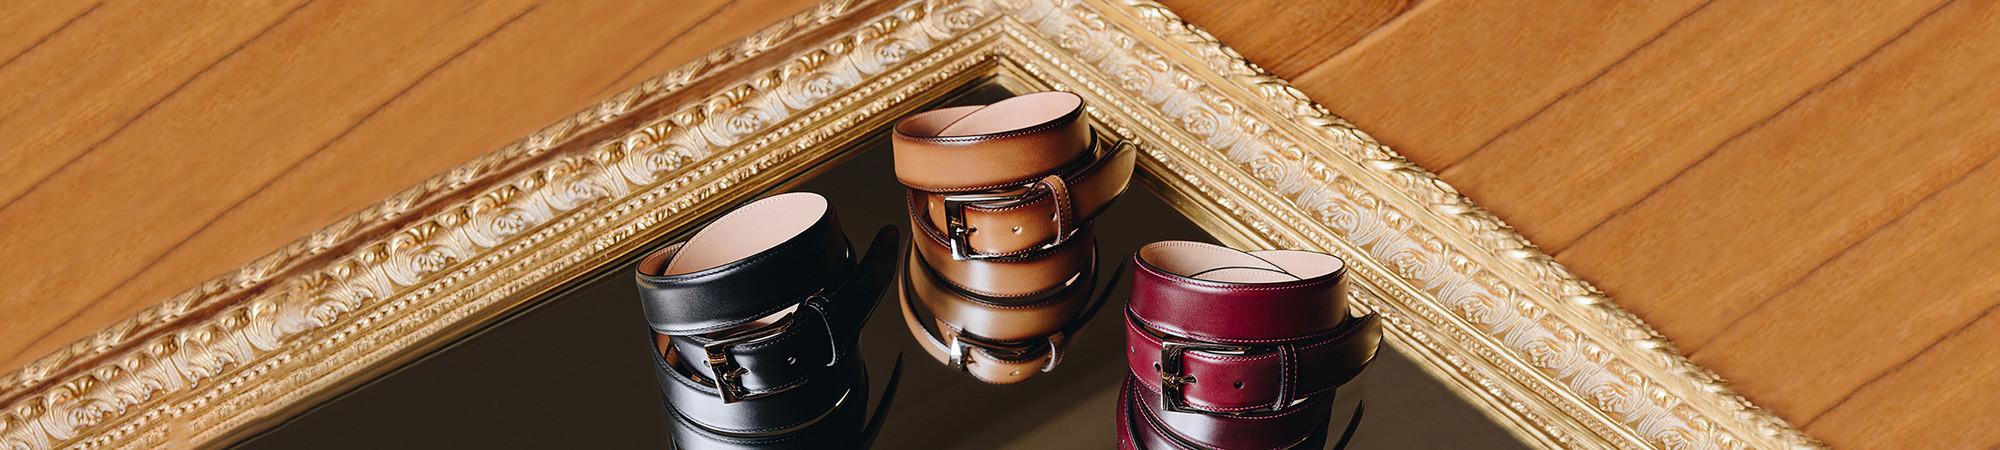 Leather goods for men - Emling belts